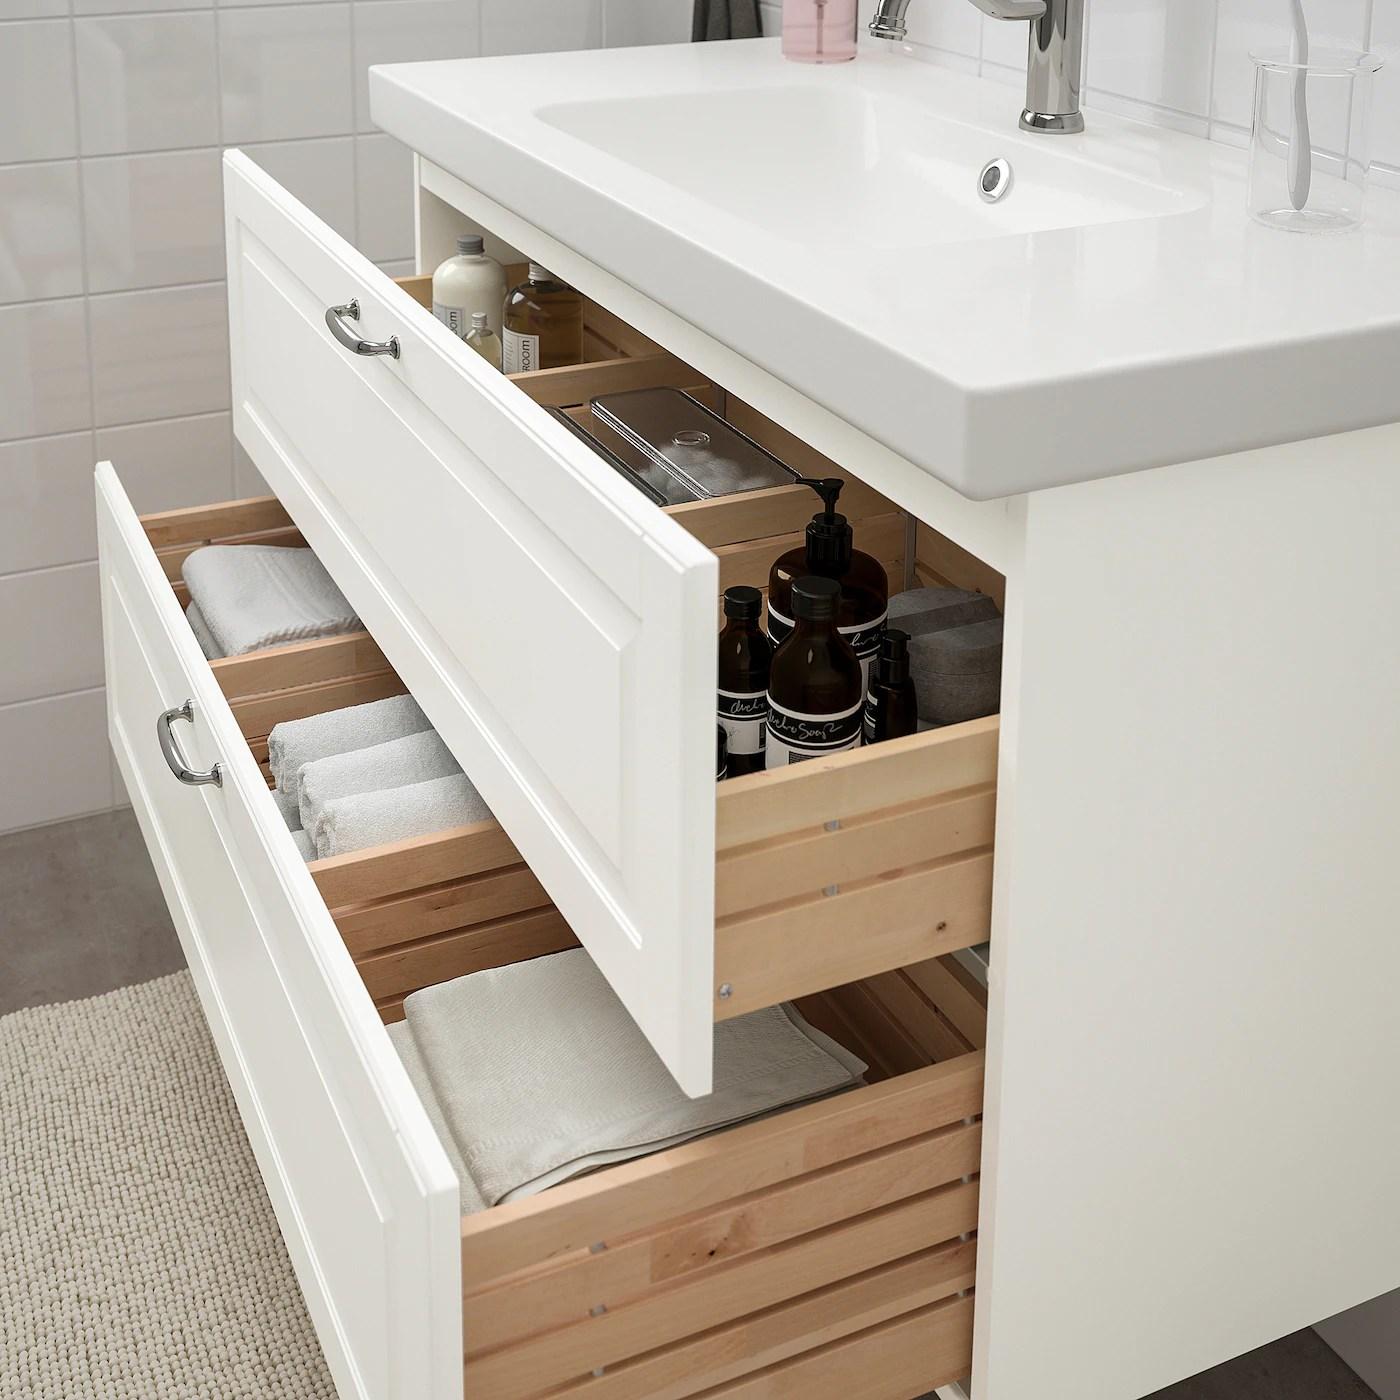 godmorgon odensvik sink cabinet with 2 drawers kasjon white hamnskar faucet 40 1 2x19 1 4x25 1 4